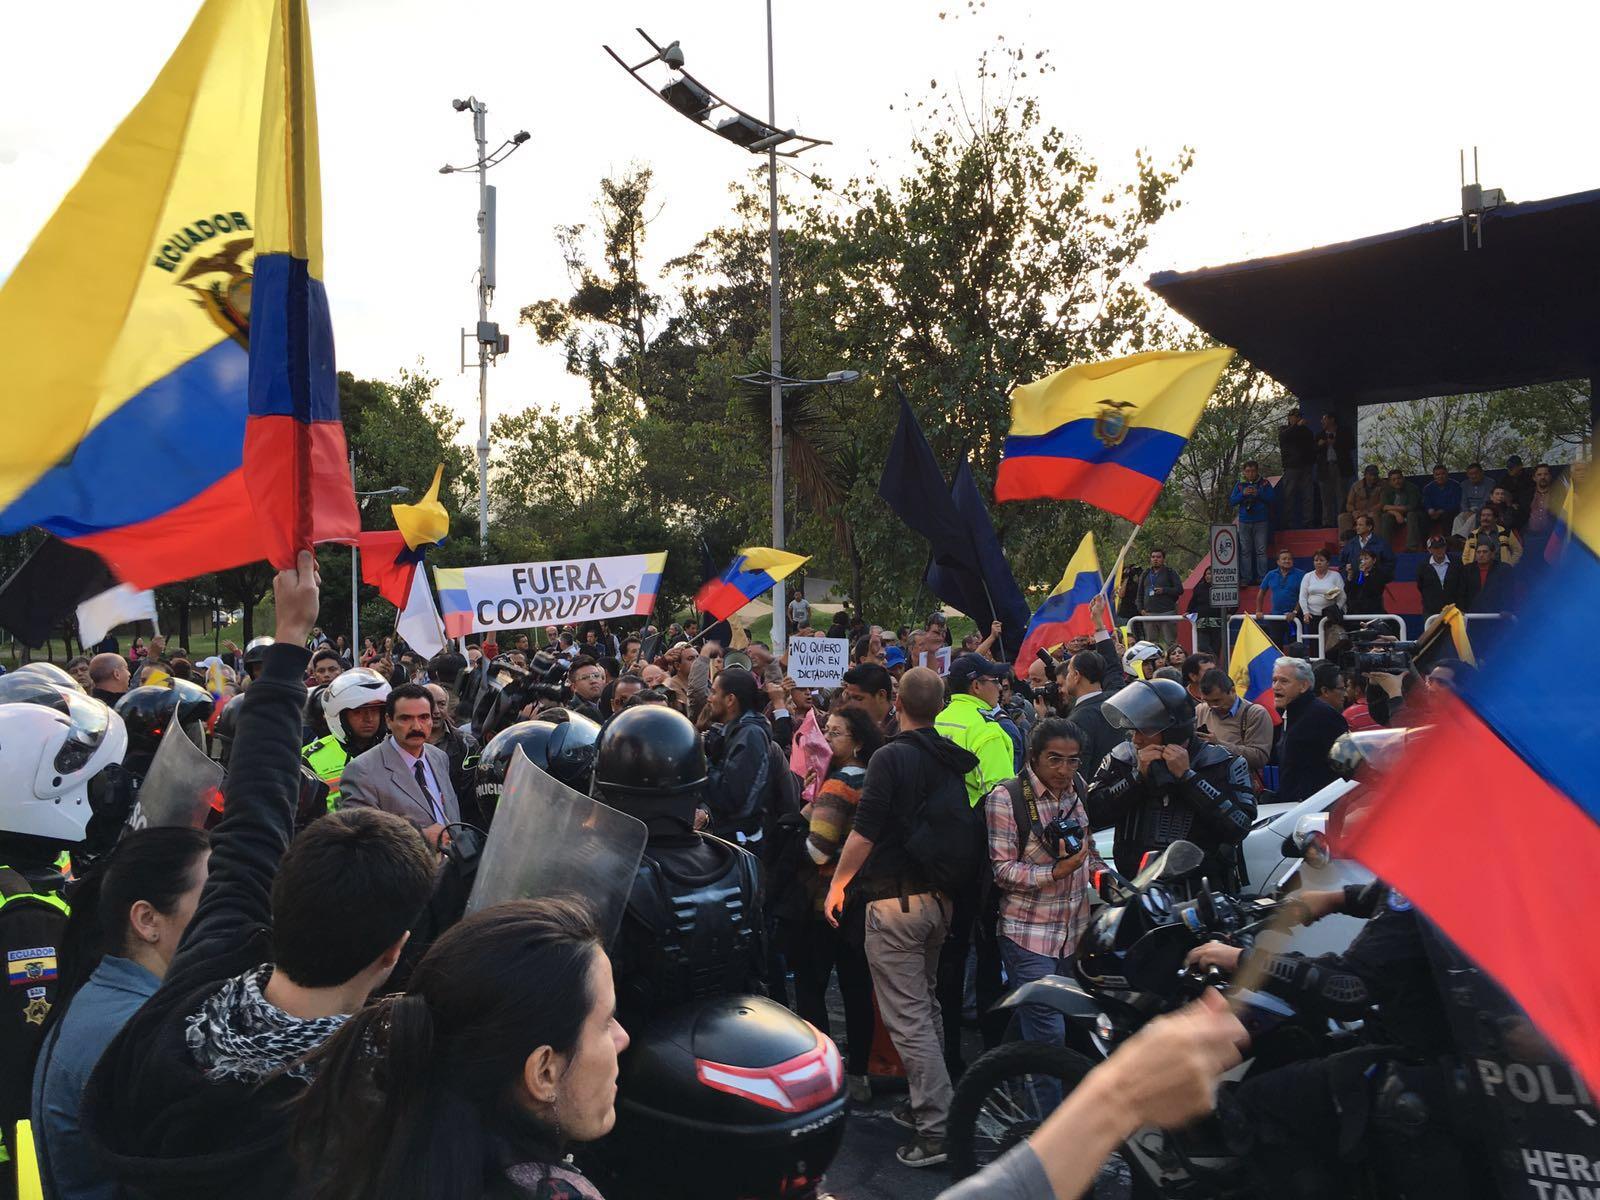 Foto por Miguel Molina. La República.